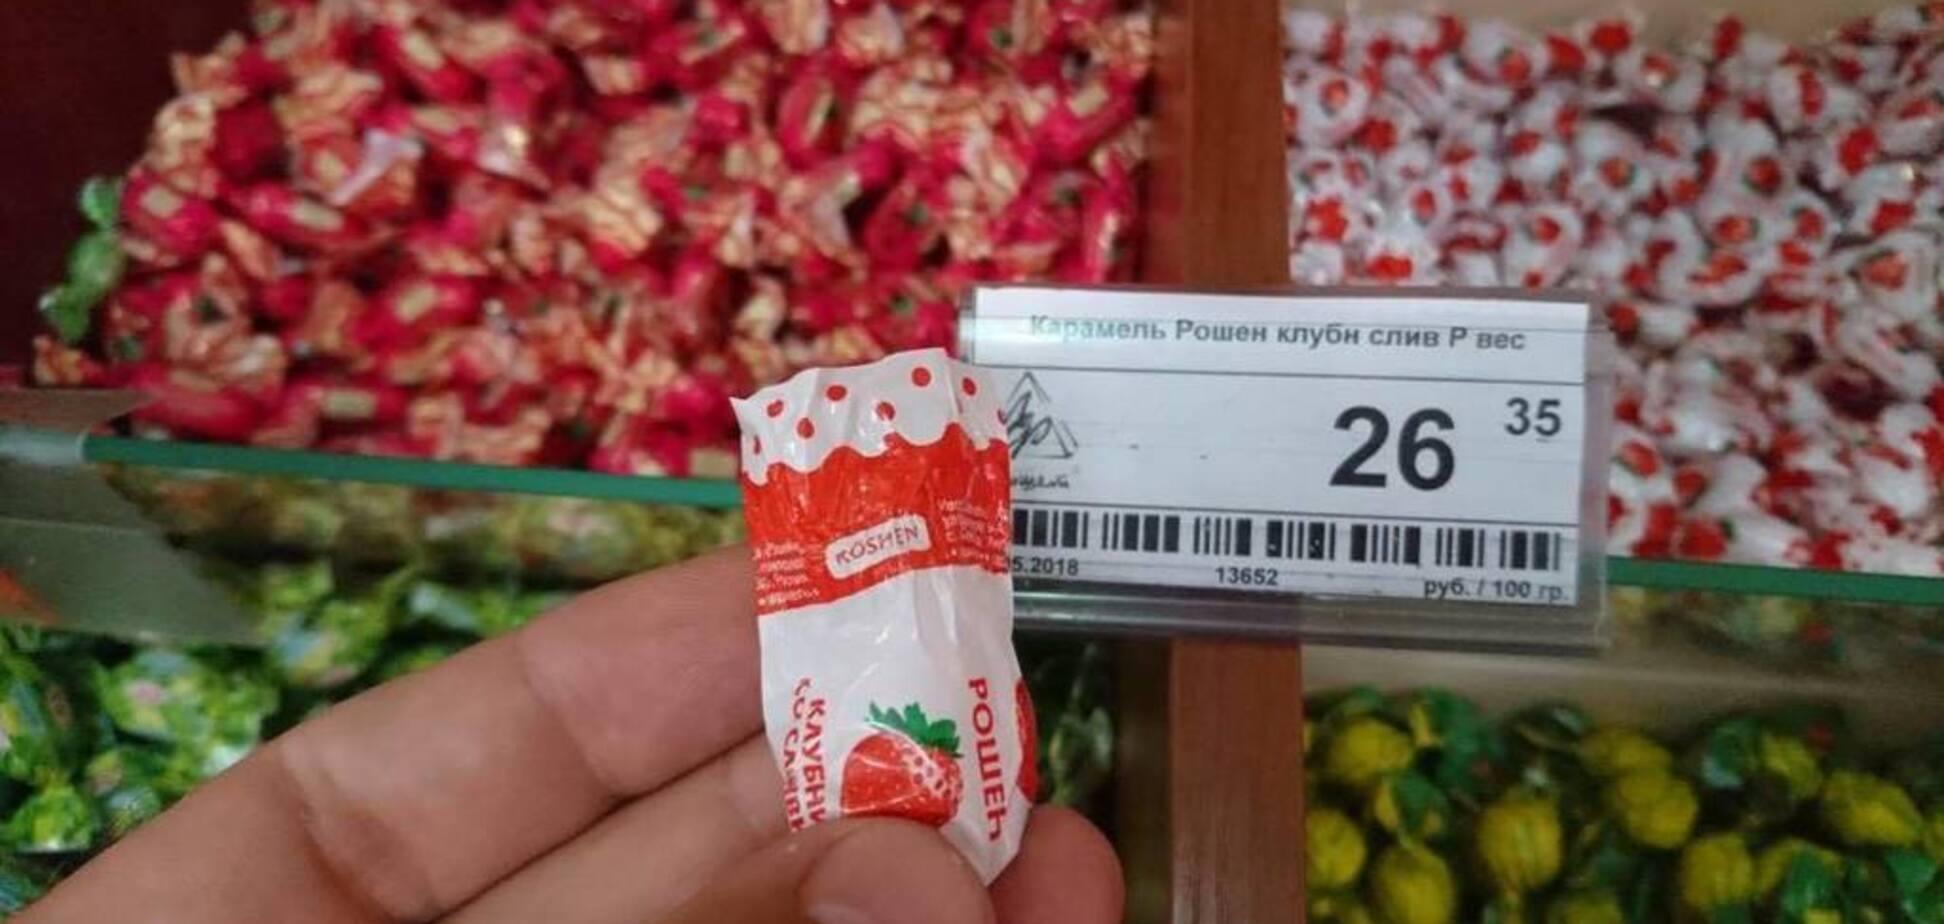 У магазинах Криму помітили зіпсовані цукерки Roshen: фотофакт